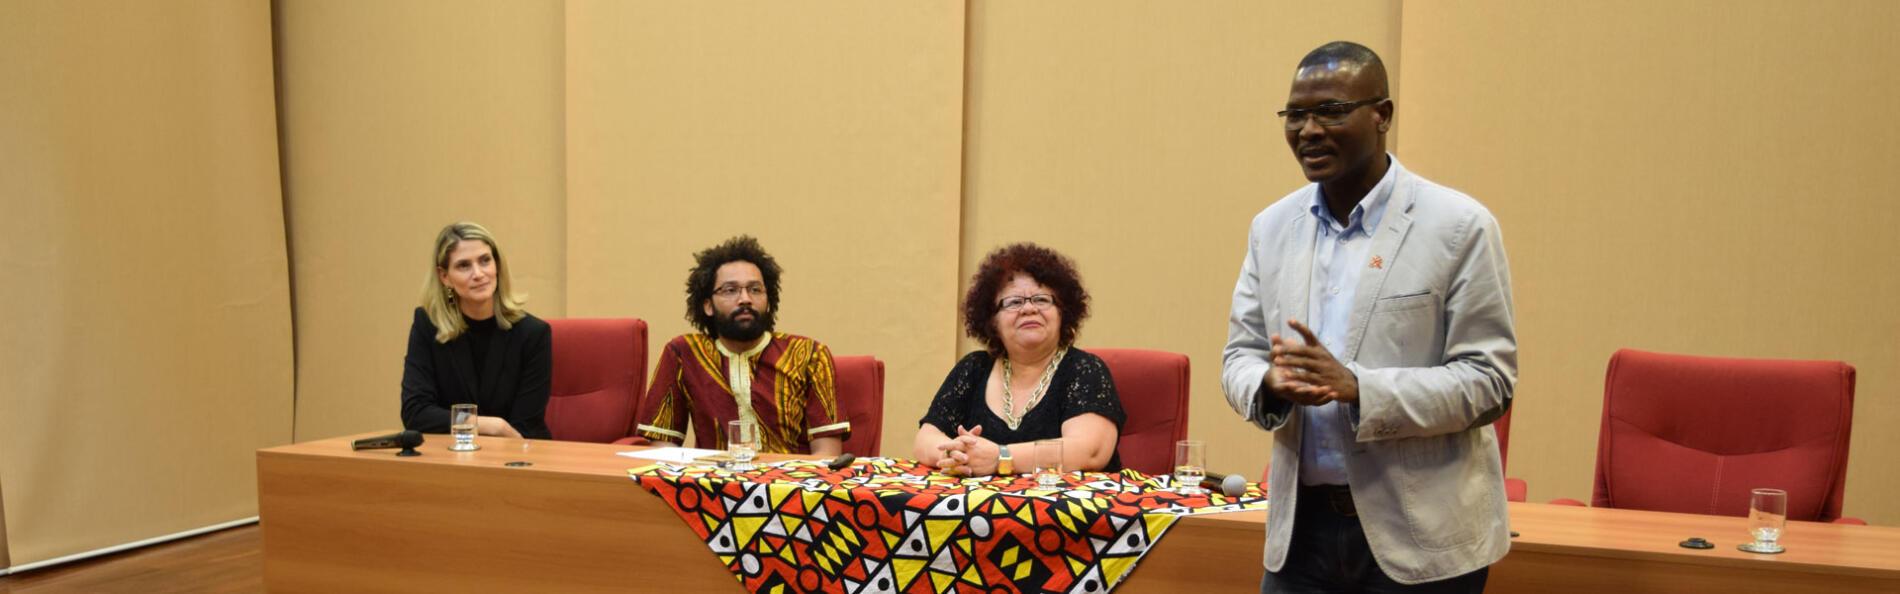 Seminário do Afrodom discute o lugar da África no século XXI